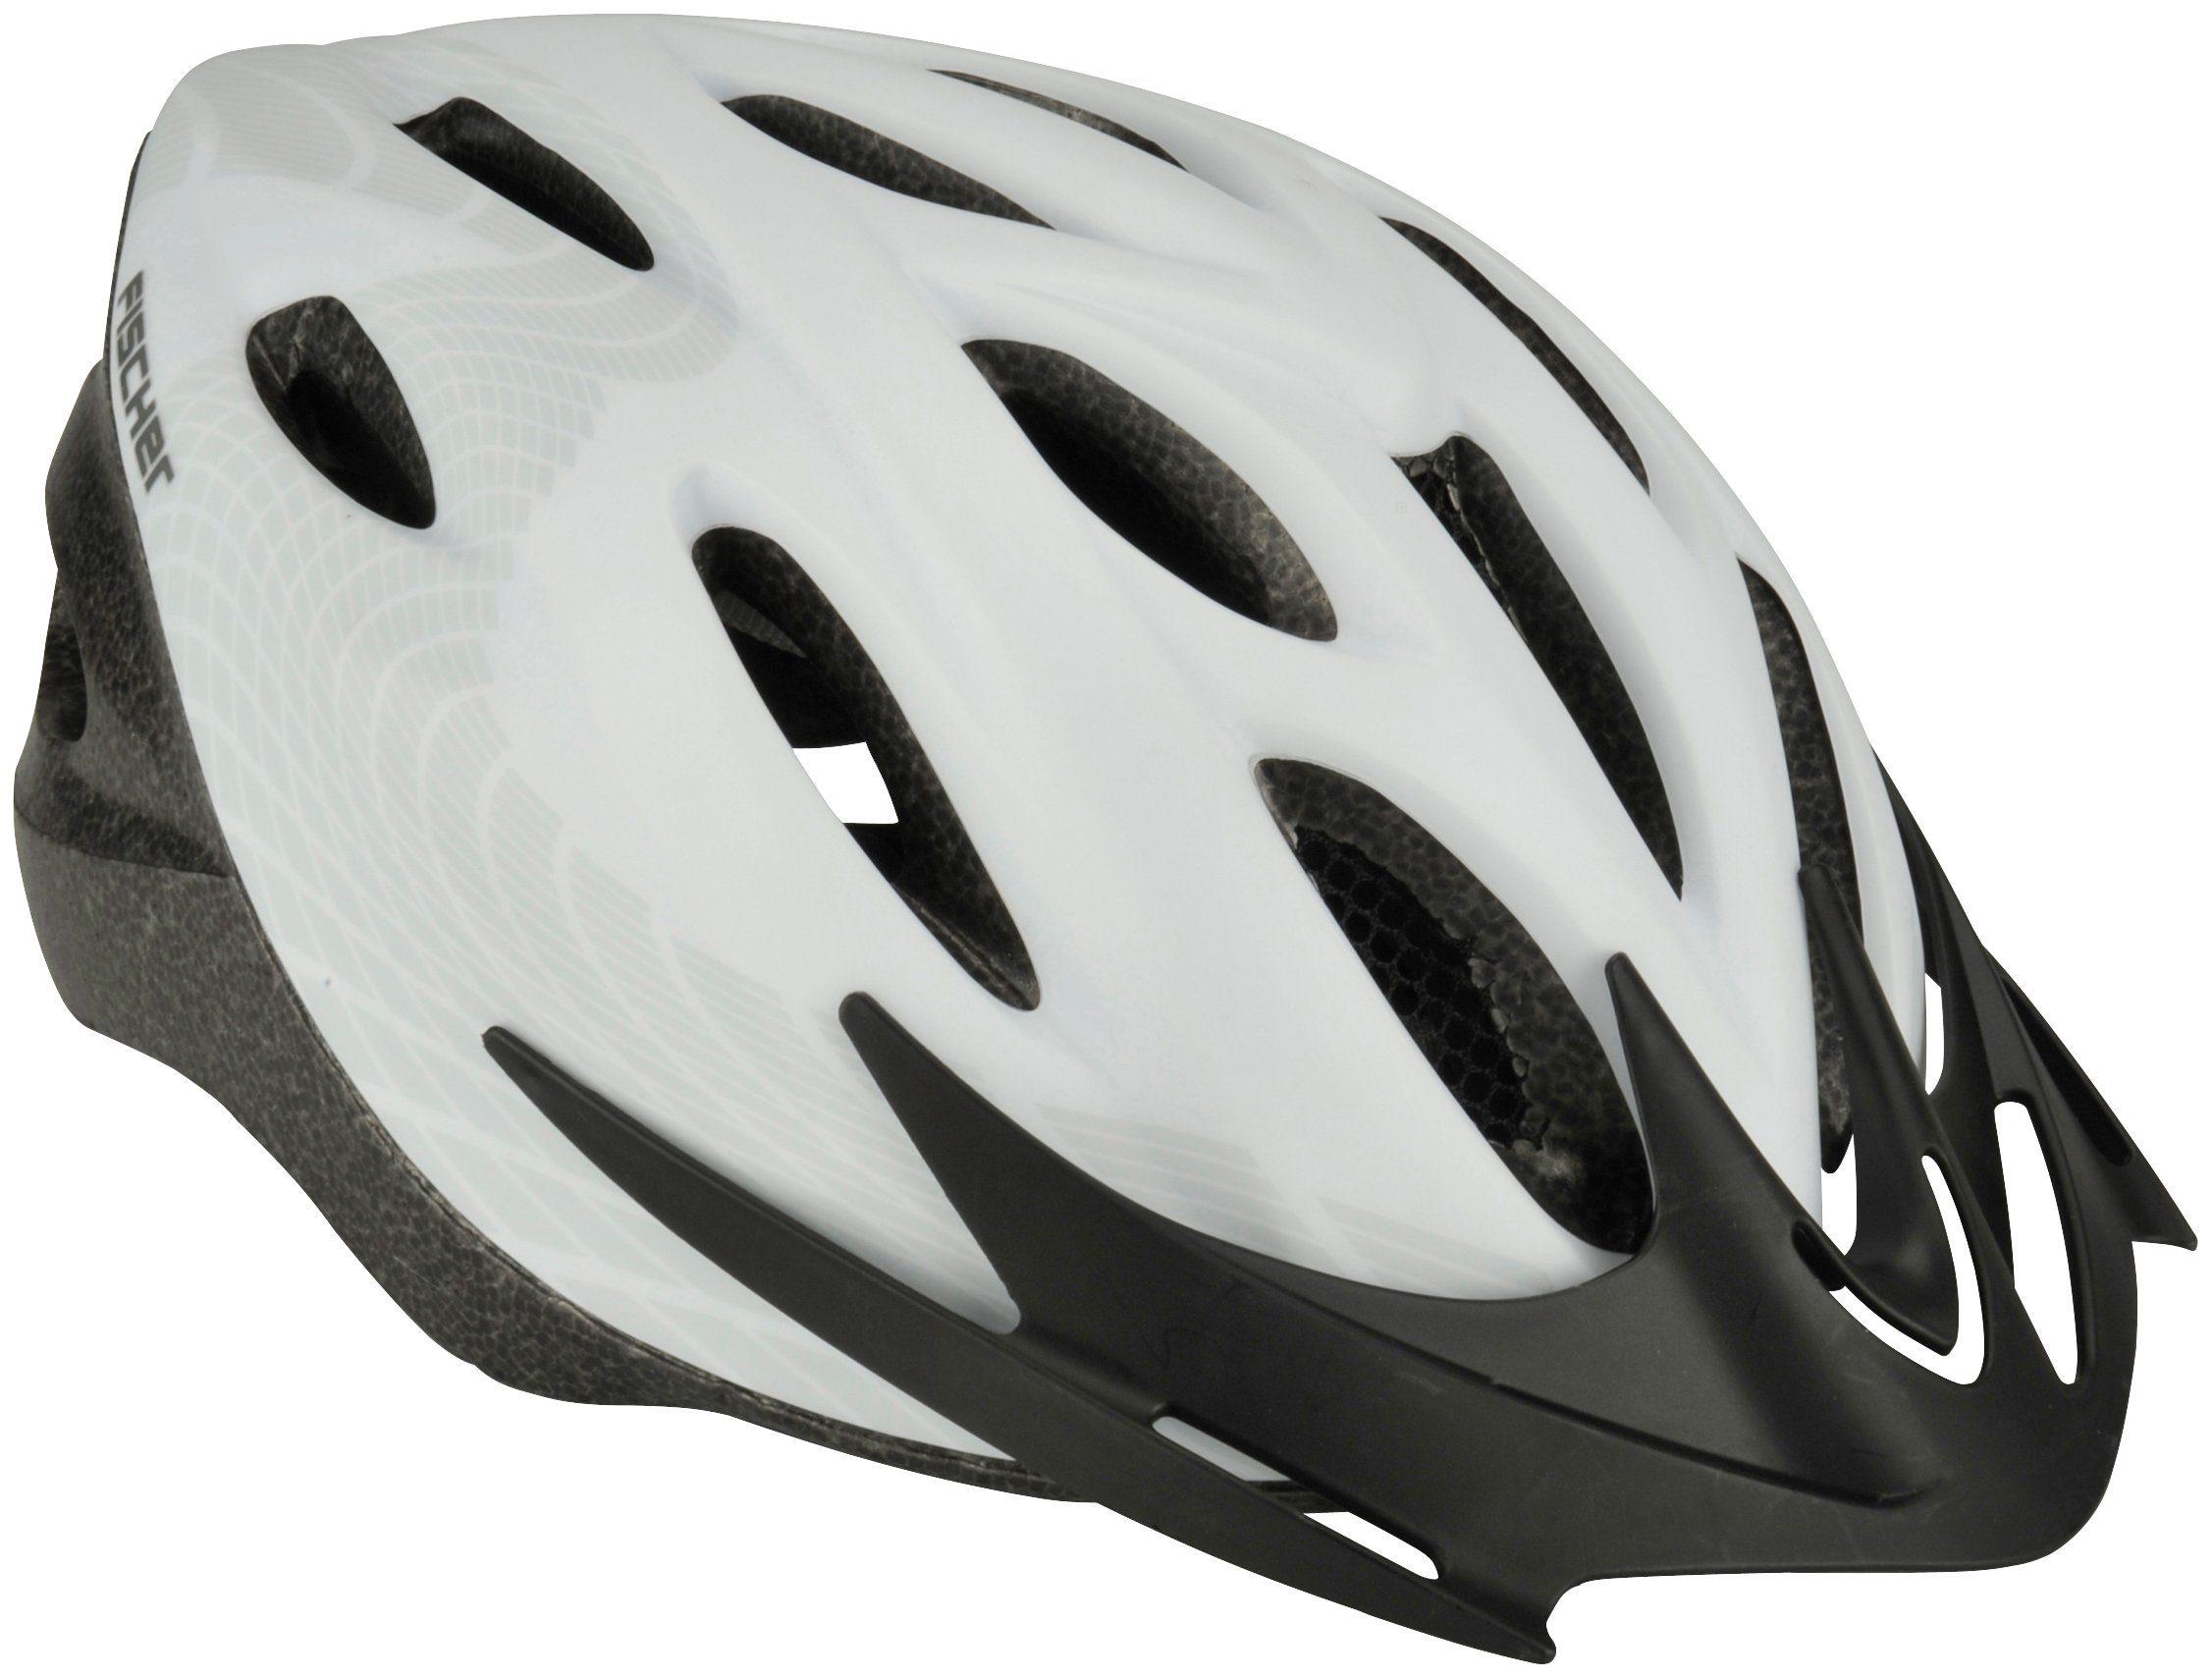 FISCHER FAHRRAEDER Fahrradhelm »White Vision«, S/M 54-59 cm